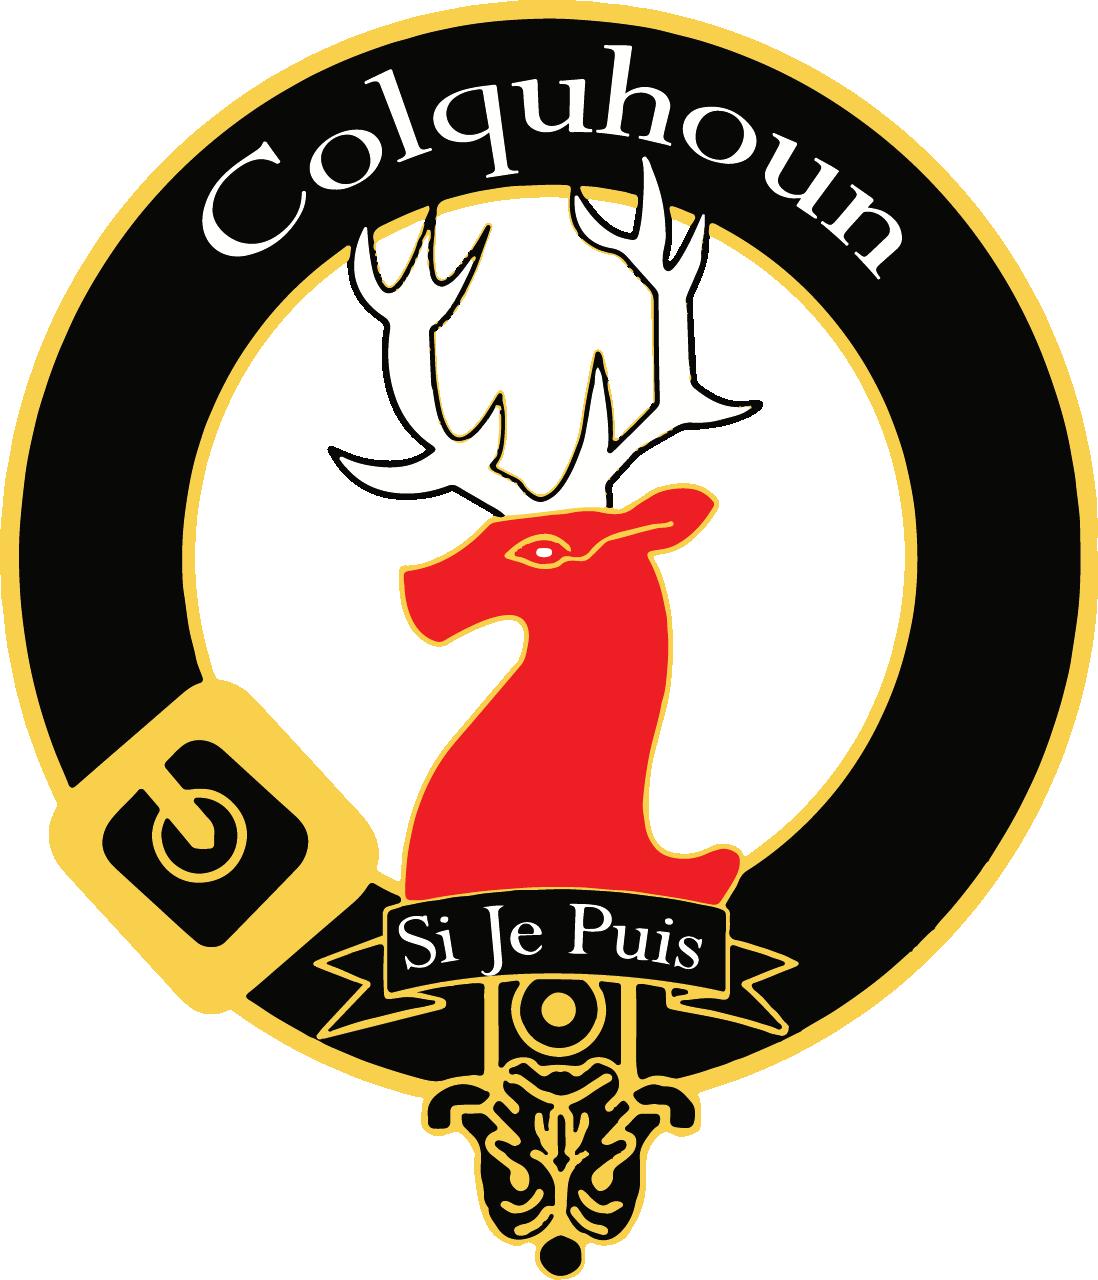 colquhoun (3)